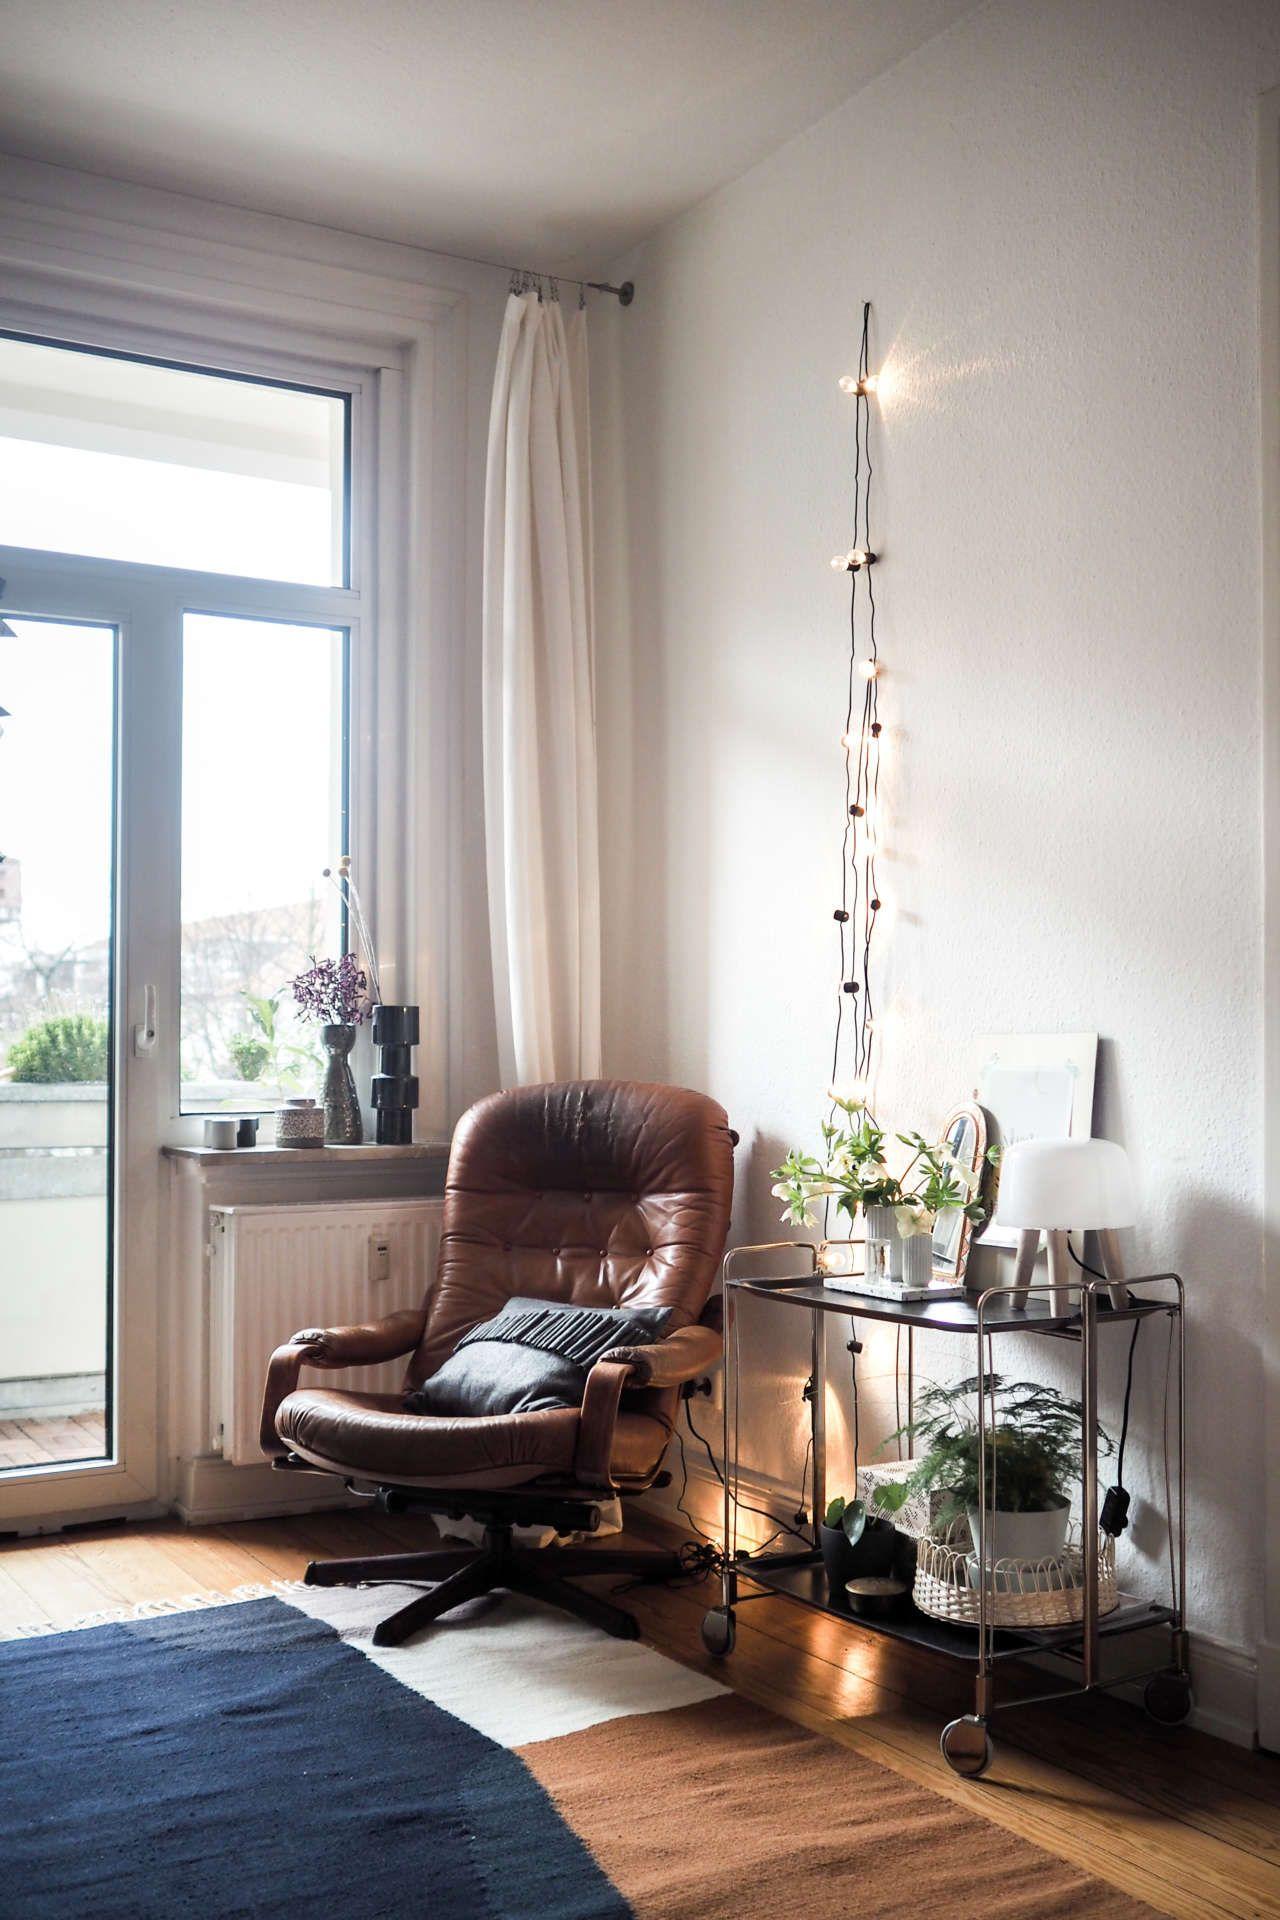 Mein Zuhause: Ein Wohnzimmer-Update | Pinterest | Deckchen ...